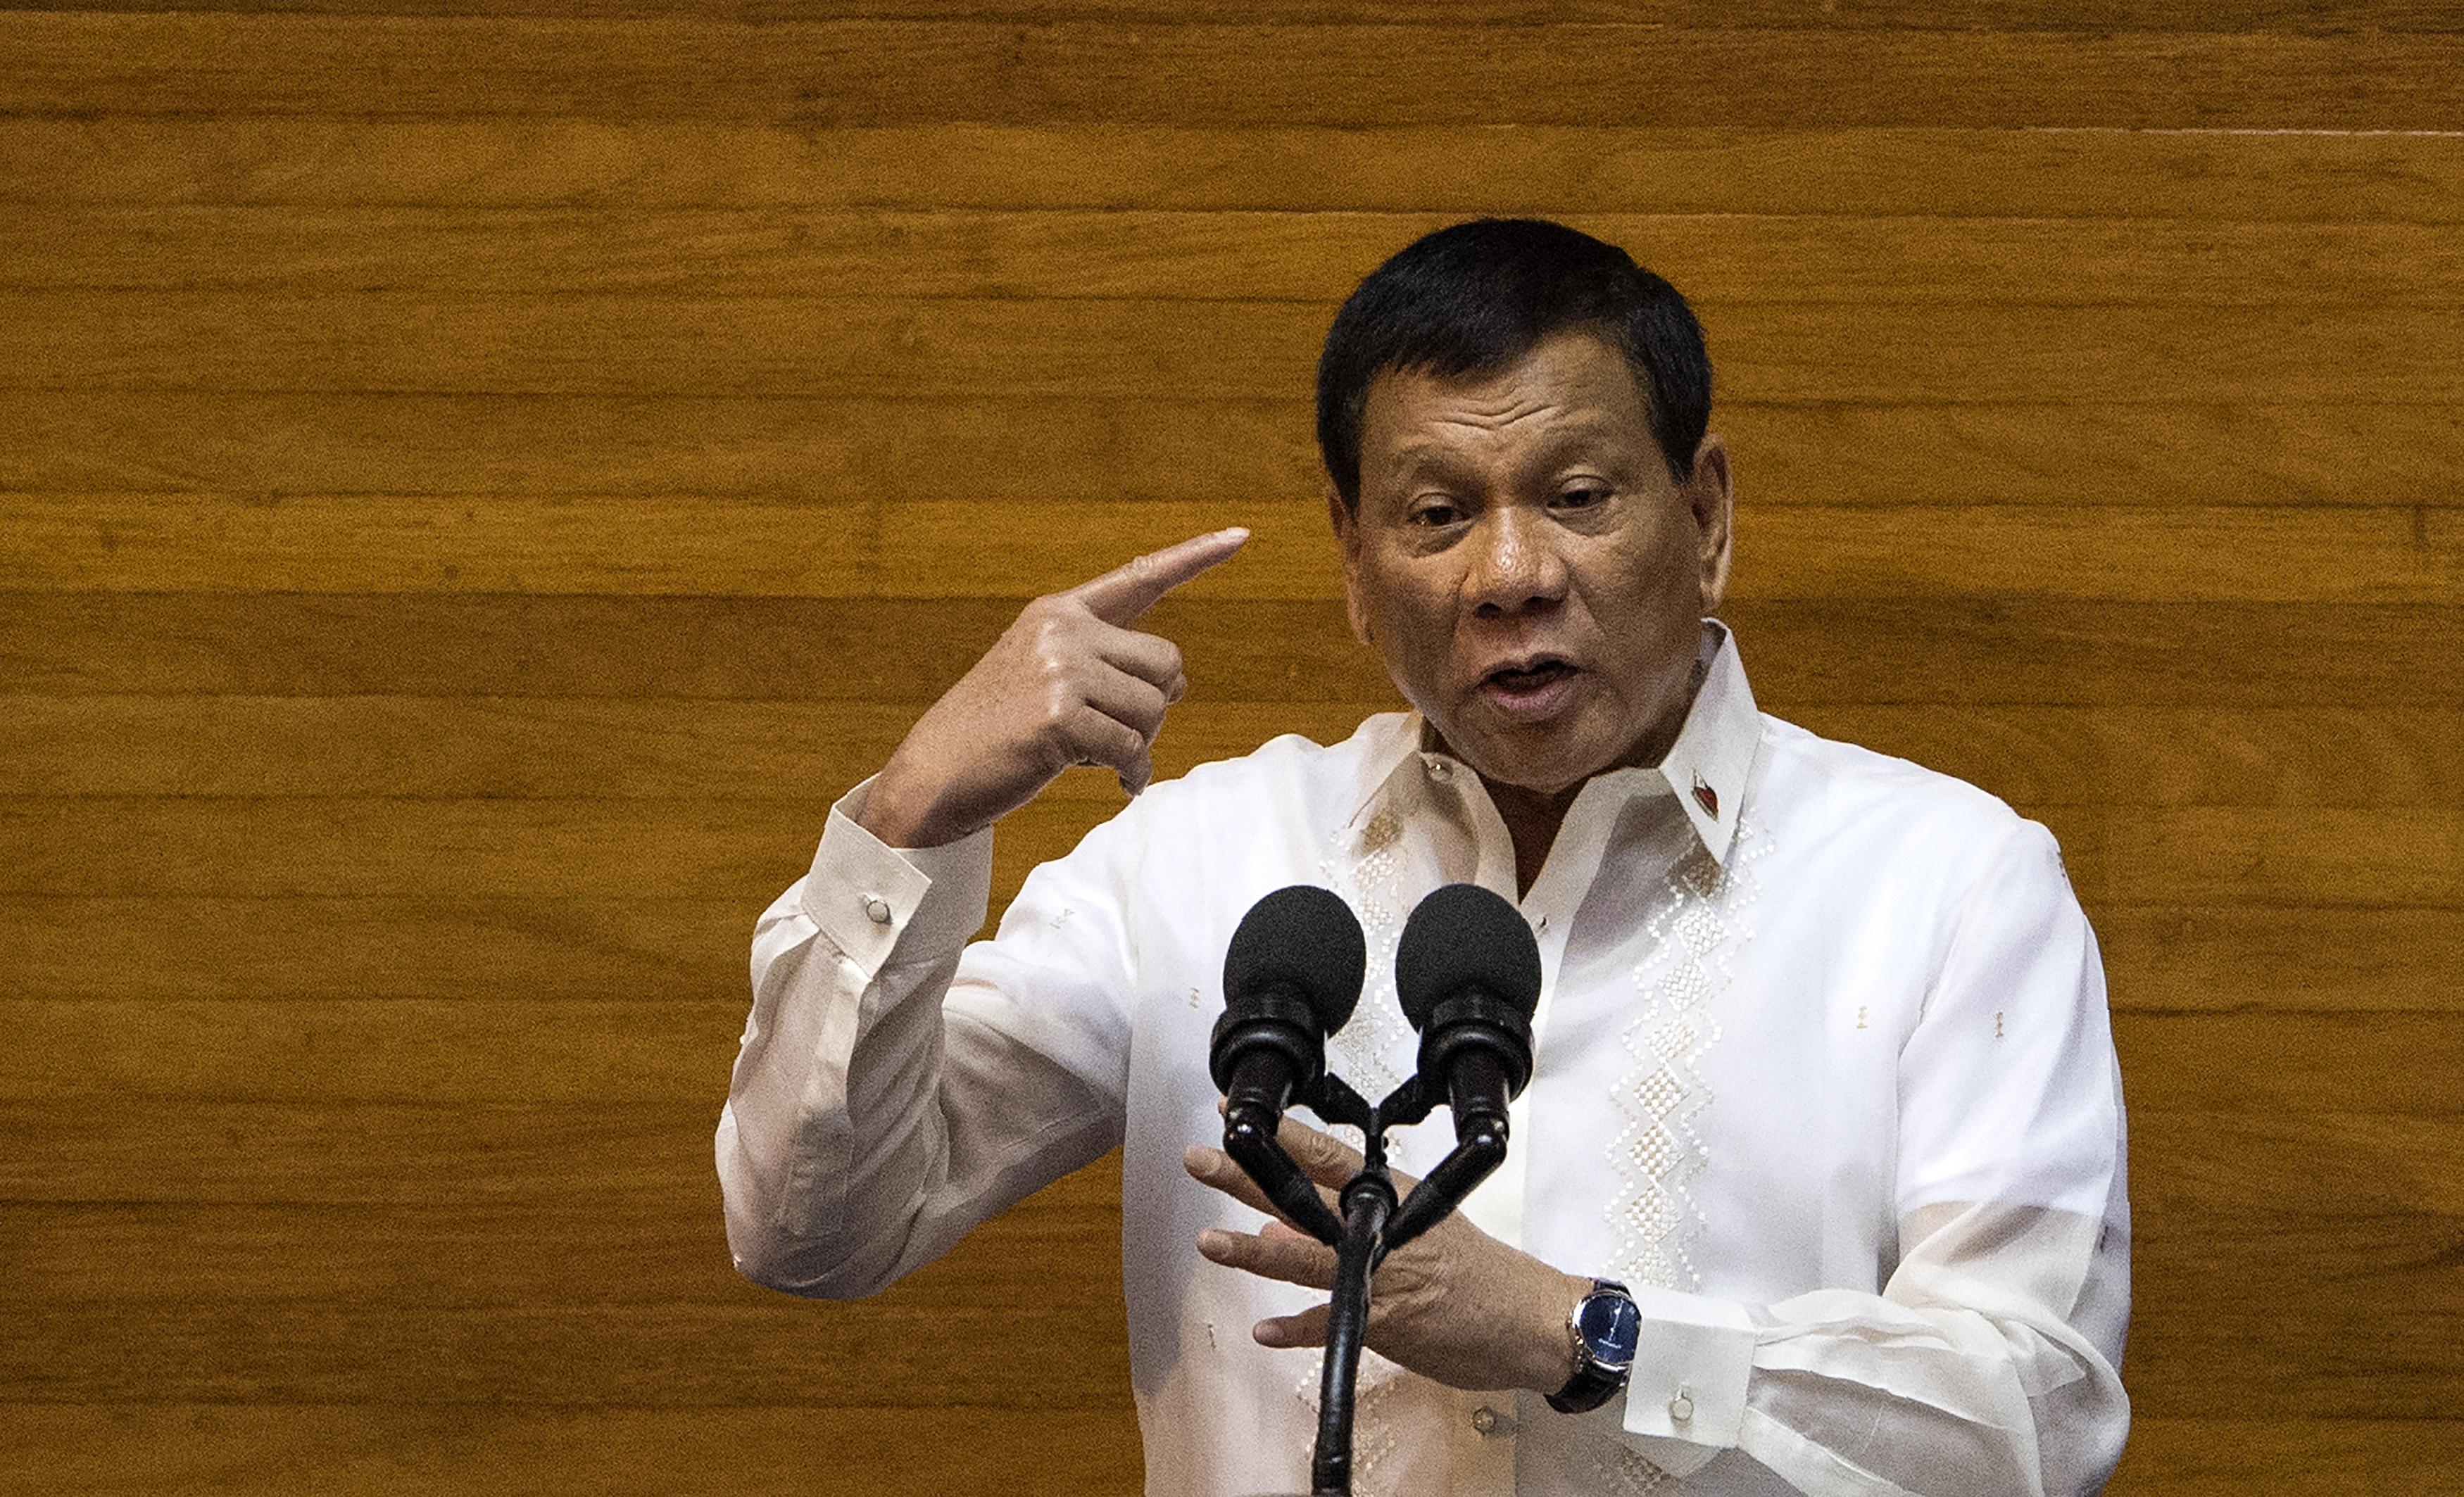 Megölték a rendőrök a Duterte halállistájára felkerült polgármestert